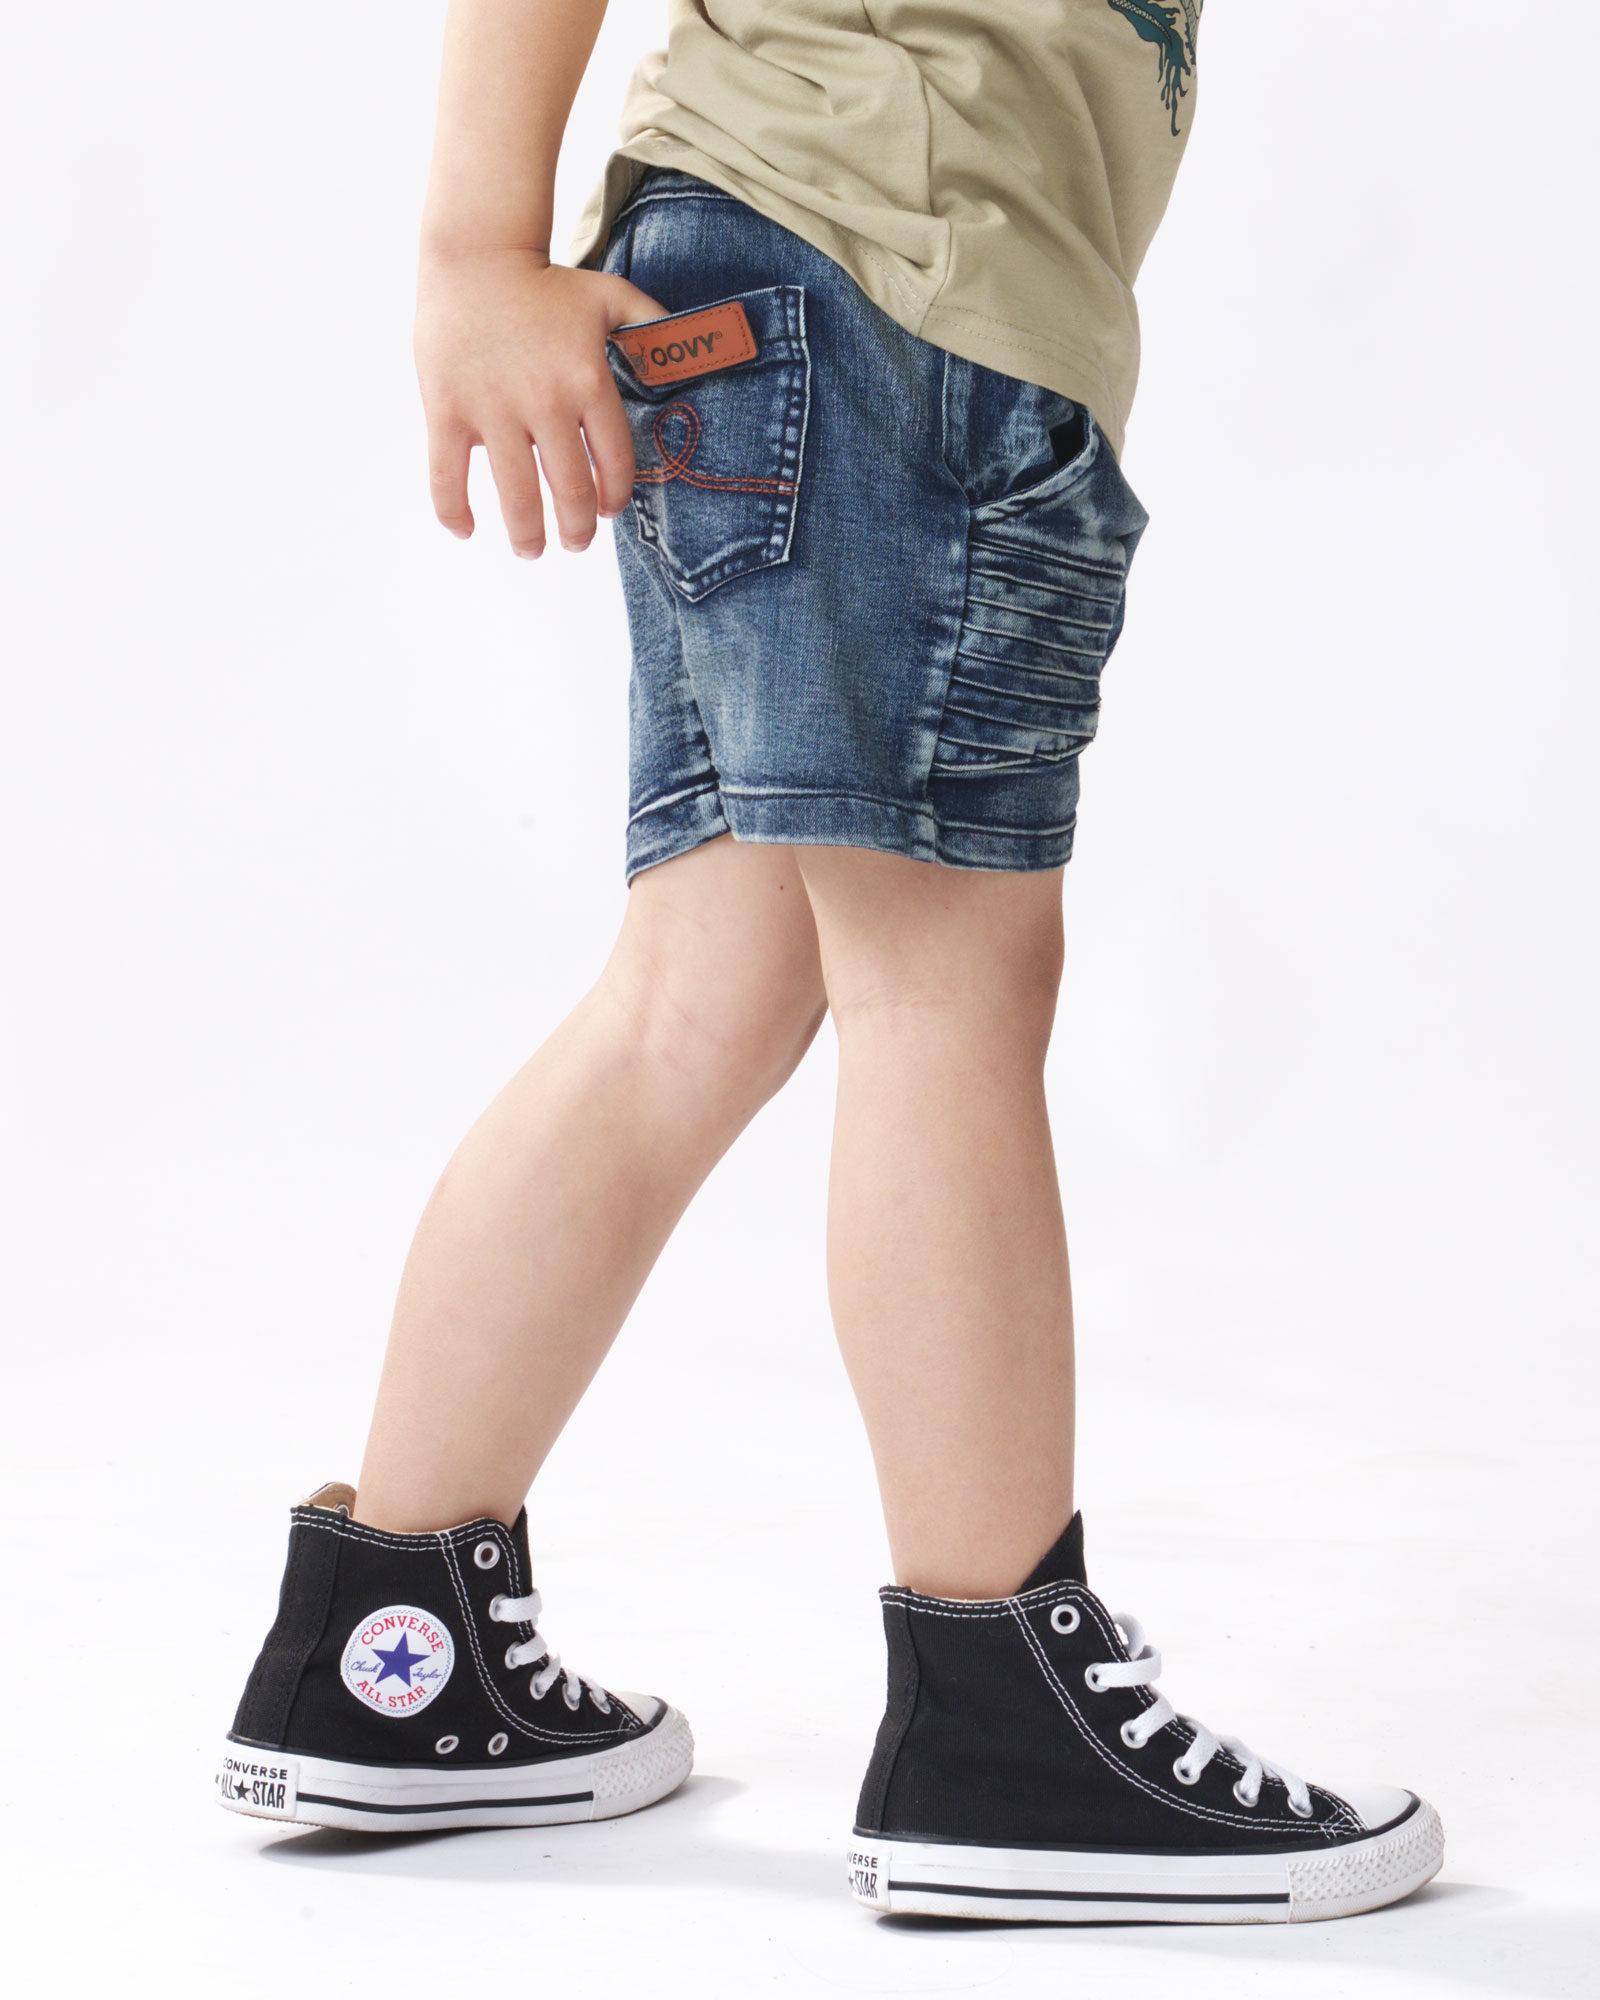 OOVY KIds Navy Stone Wash Denim Shorts